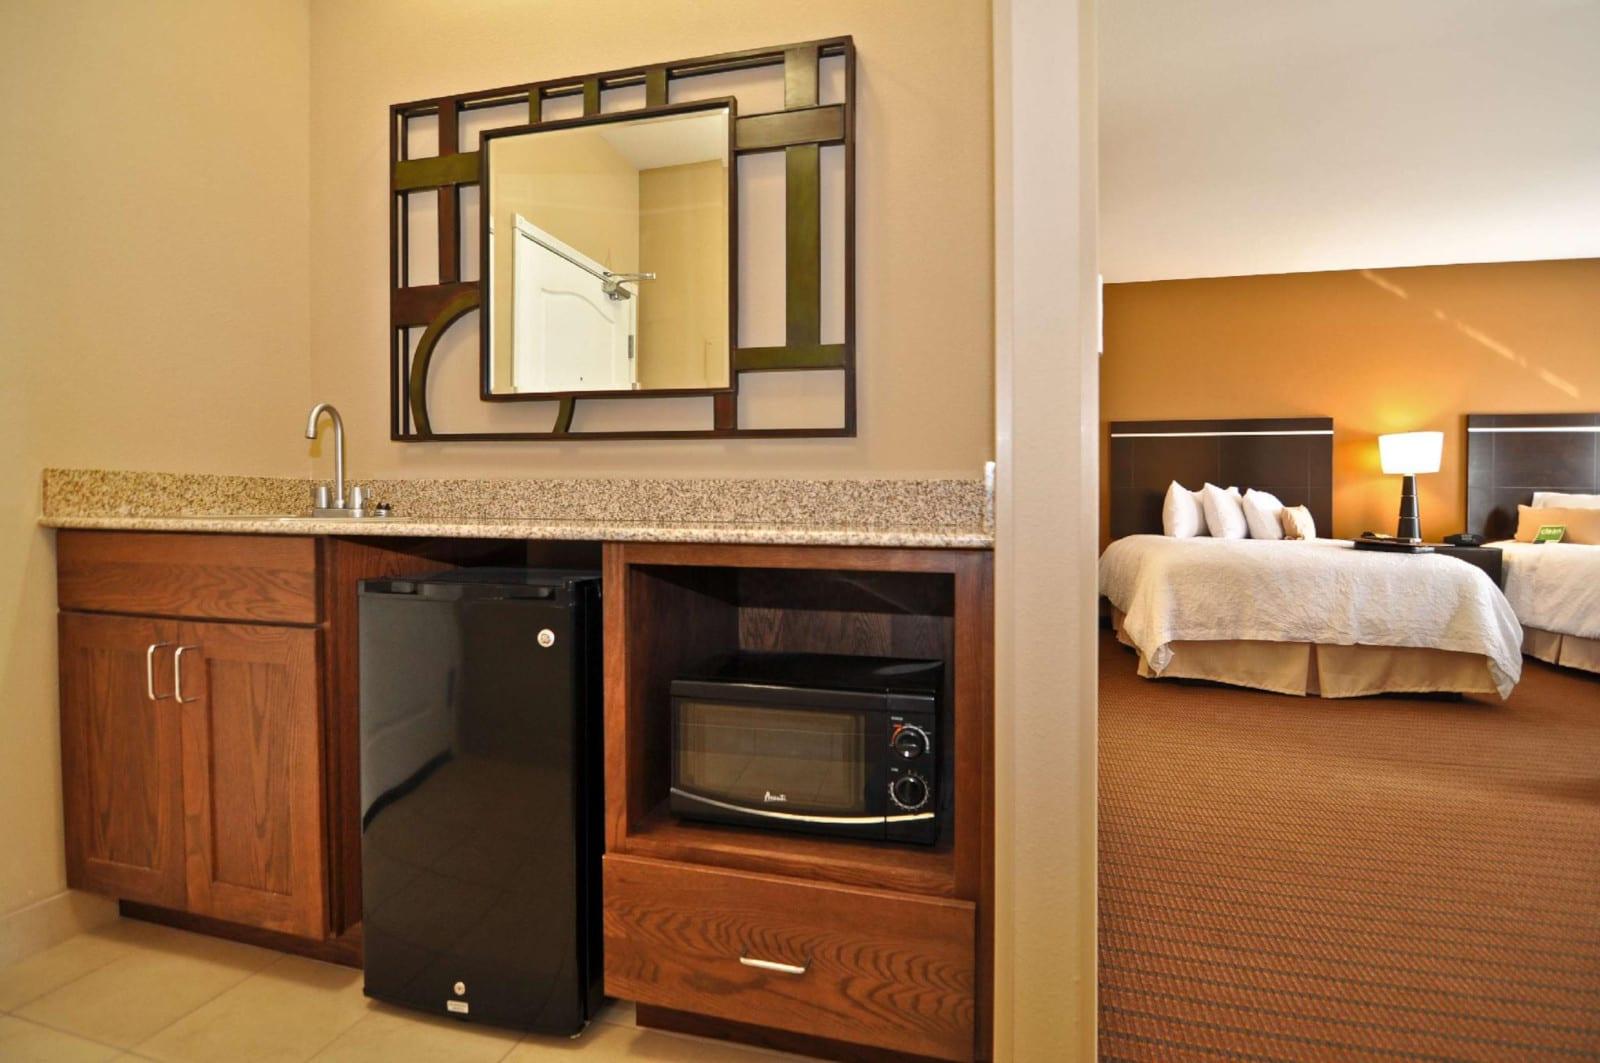 Best Hotels Alamosa CO Hampton Inn Suites Two Queen Studio Suite